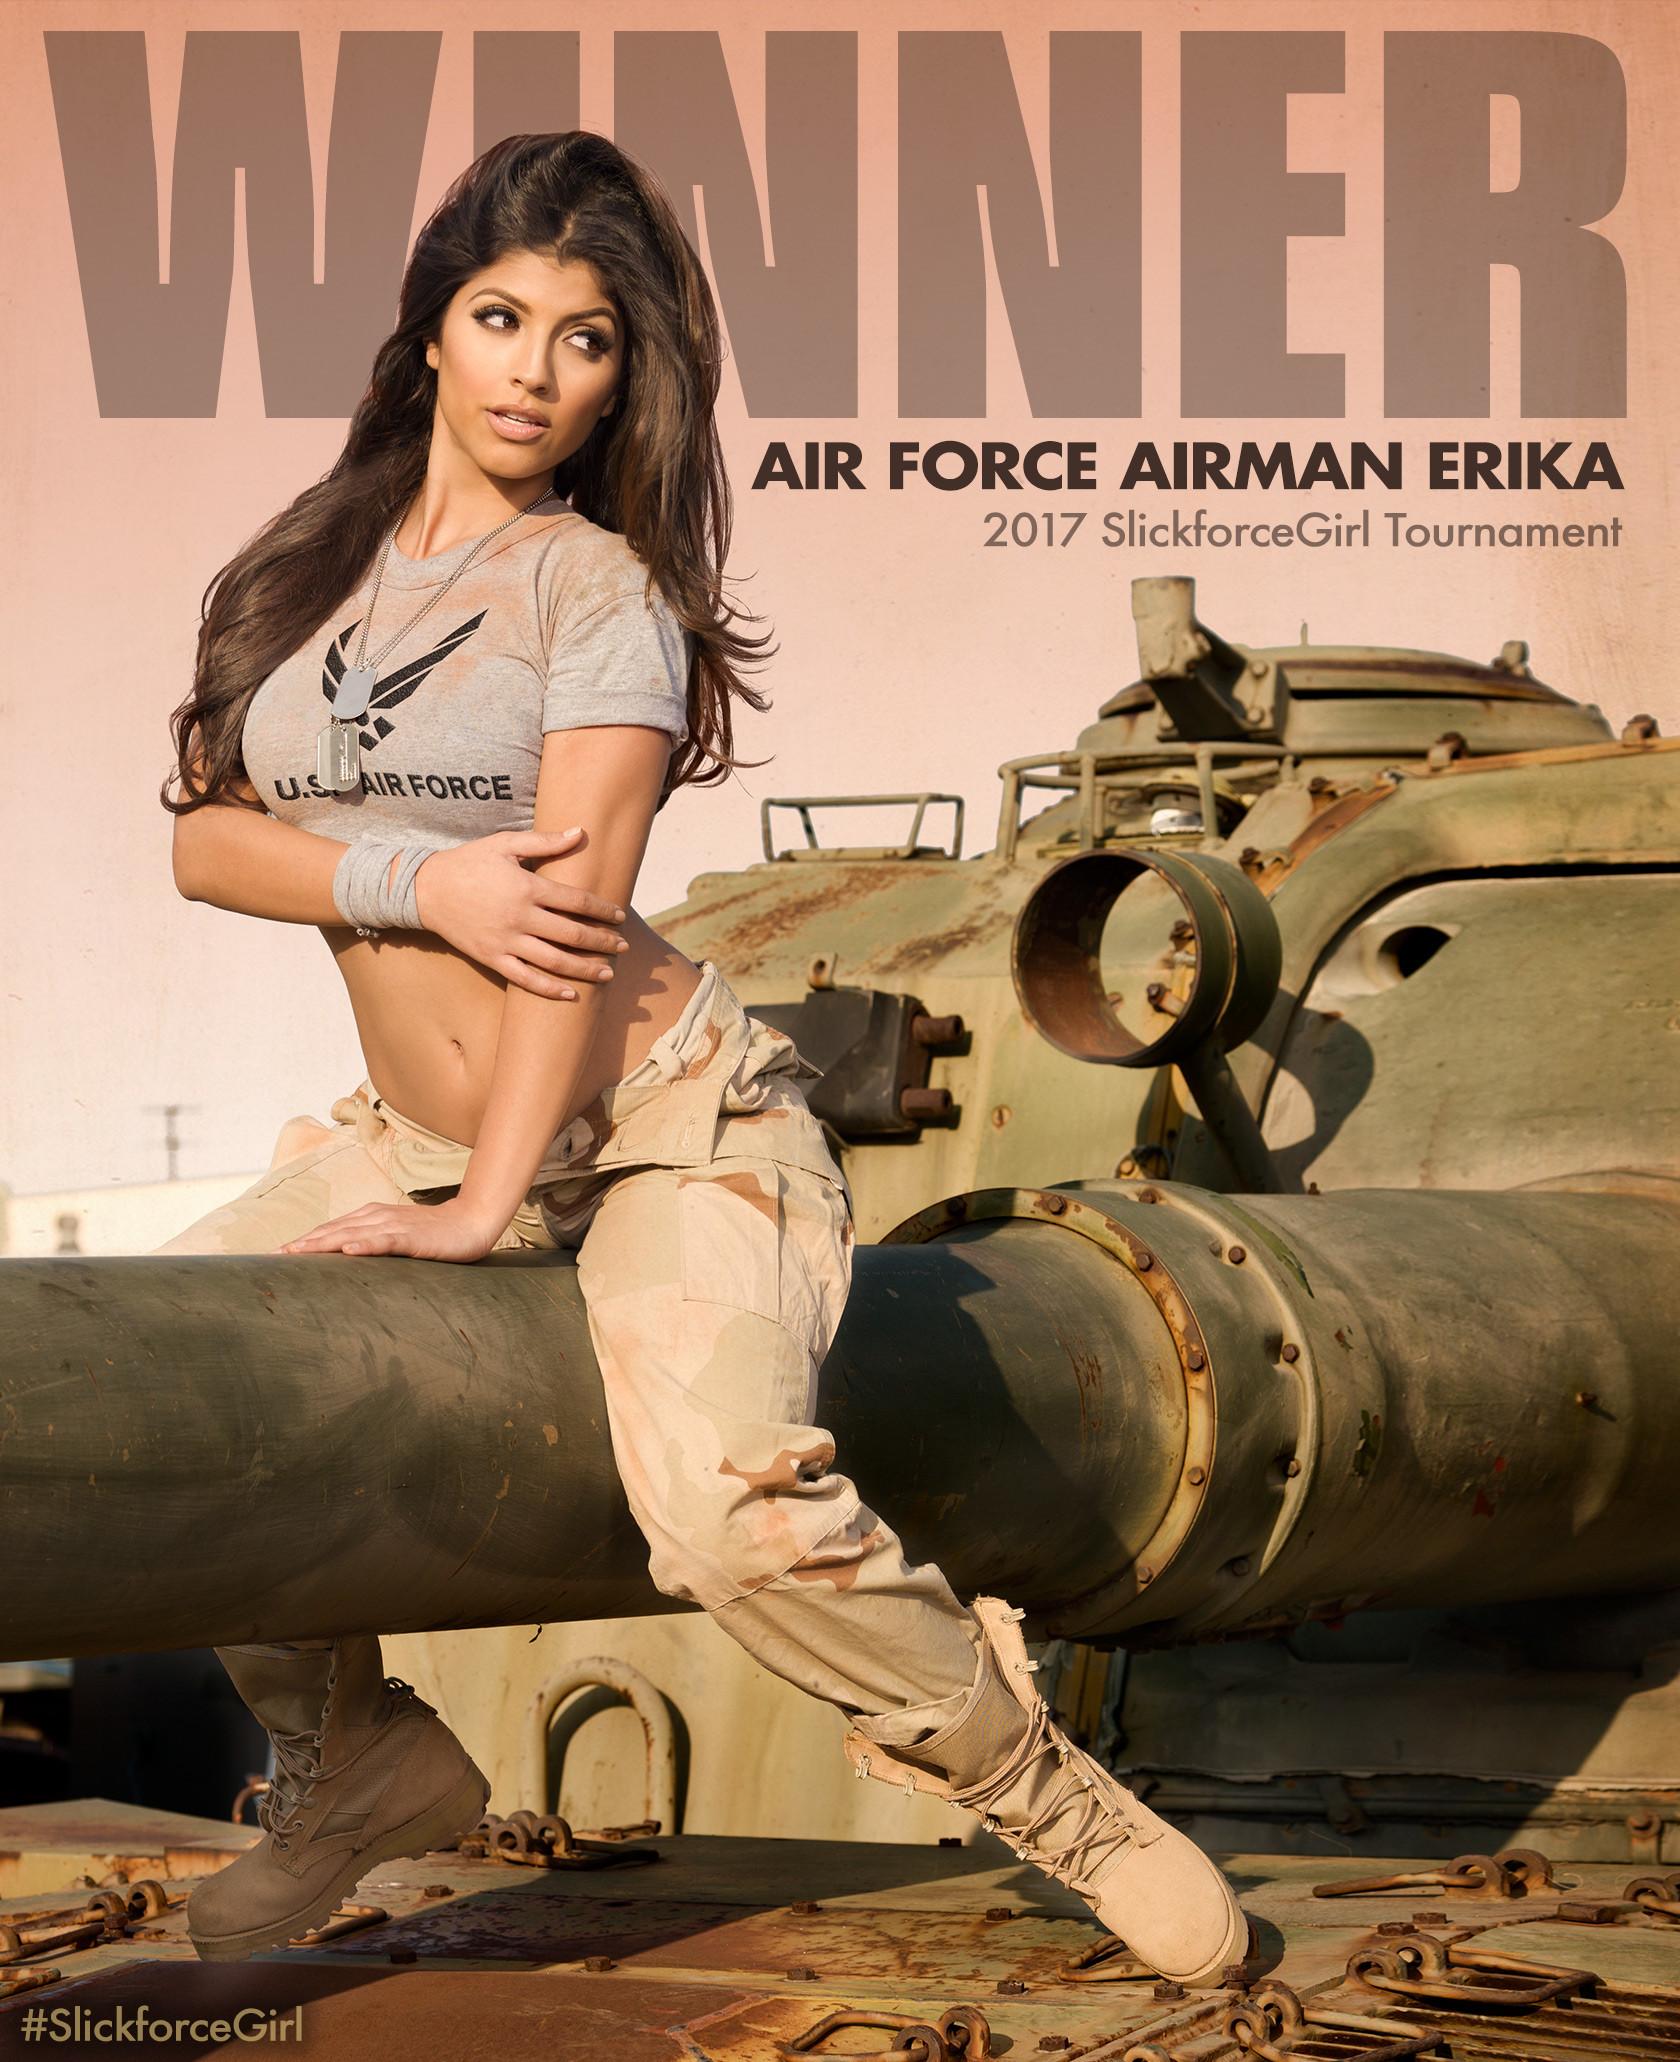 air-force-airman-erika-arias-medina-nick-saglimbeni-